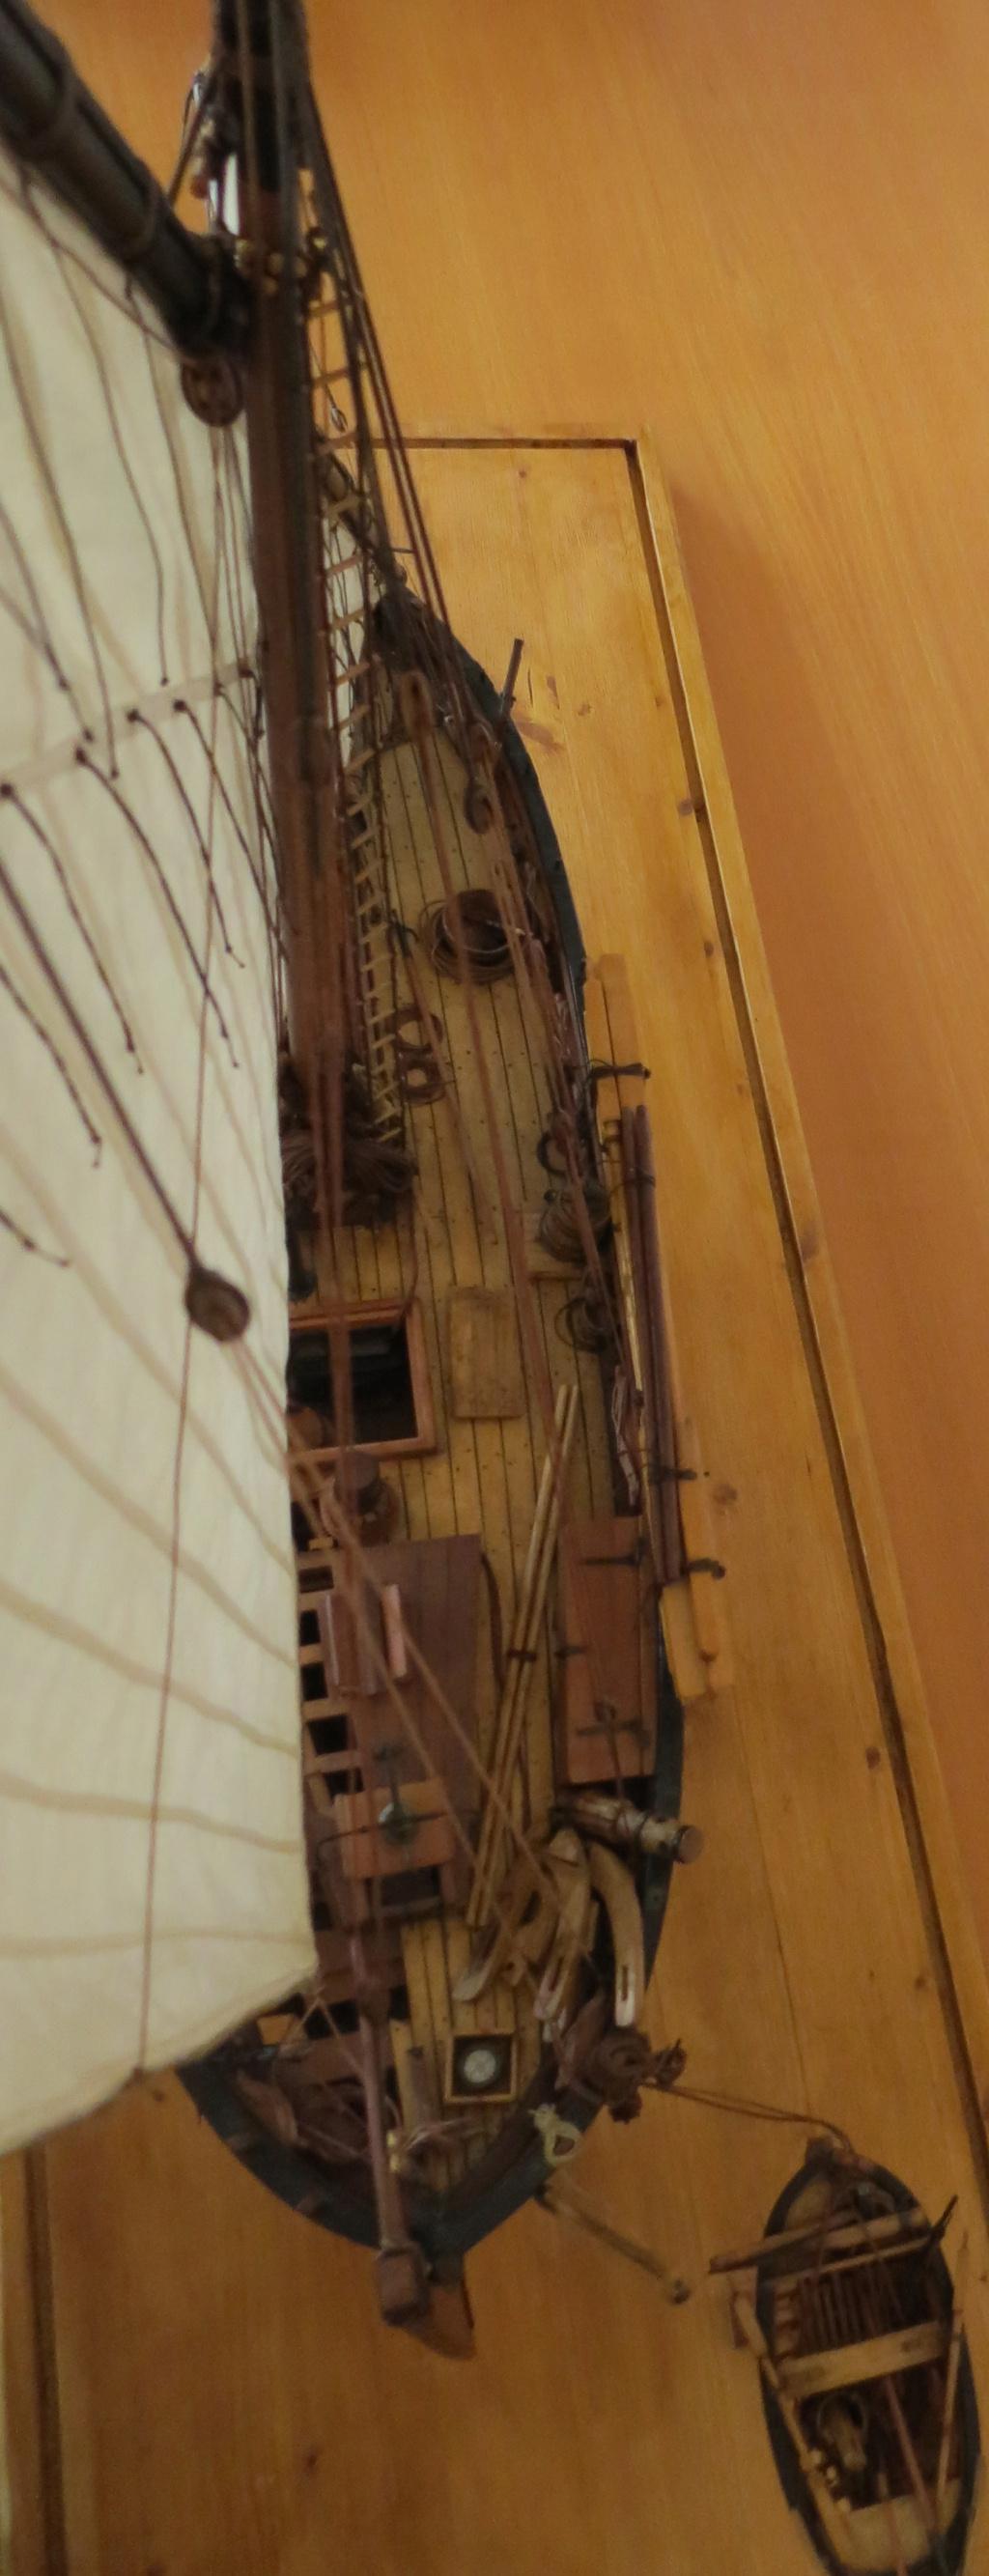 Corallina (paranzella) armata in guerra (pezzo in ferro da 18 libbre) - Marina Napoletana (flottiglia) 1811 - scala 1:24 - di Riccardo Mattera - Pagina 10 Img_4428